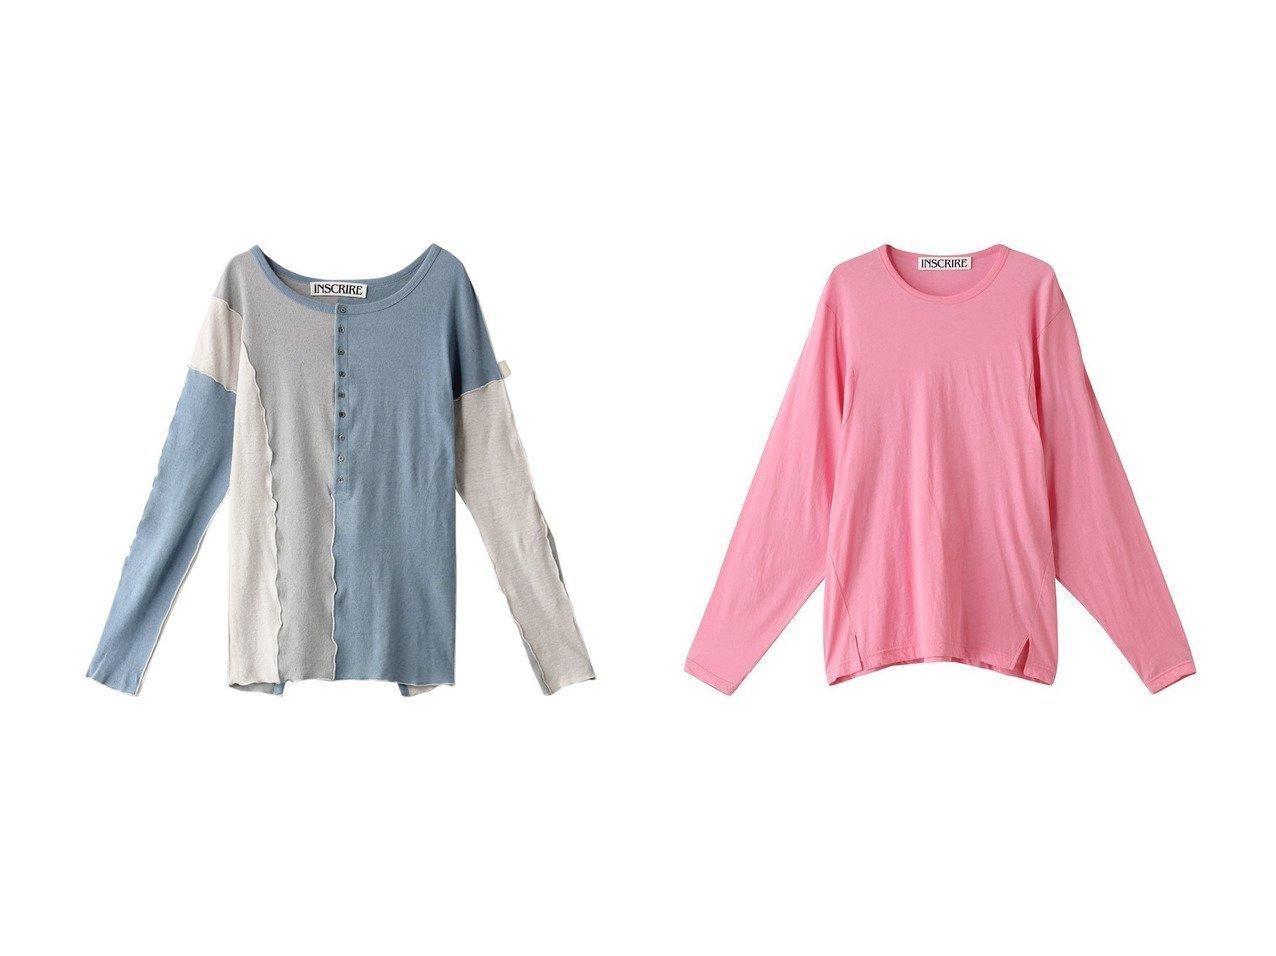 【INSCRIRE/アンスクリア】のテクノラマロングスリーブTシャツ&コットンリネンフライスダブルヘンリーネックシャツ INSCRIREのおすすめ!人気、トレンド・レディースファッションの通販 おすすめで人気の流行・トレンド、ファッションの通販商品 メンズファッション・キッズファッション・インテリア・家具・レディースファッション・服の通販 founy(ファニー) https://founy.com/ ファッション Fashion レディースファッション WOMEN トップス Tops Tshirt シャツ/ブラウス Shirts Blouses ロング / Tシャツ T-Shirts カットソー Cut and Sewn 2021年 2021 2021 春夏 S/S SS Spring/Summer 2021 S/S 春夏 SS Spring/Summer スリット スリーブ トレンド ロング 春 Spring  ID:crp329100000019479